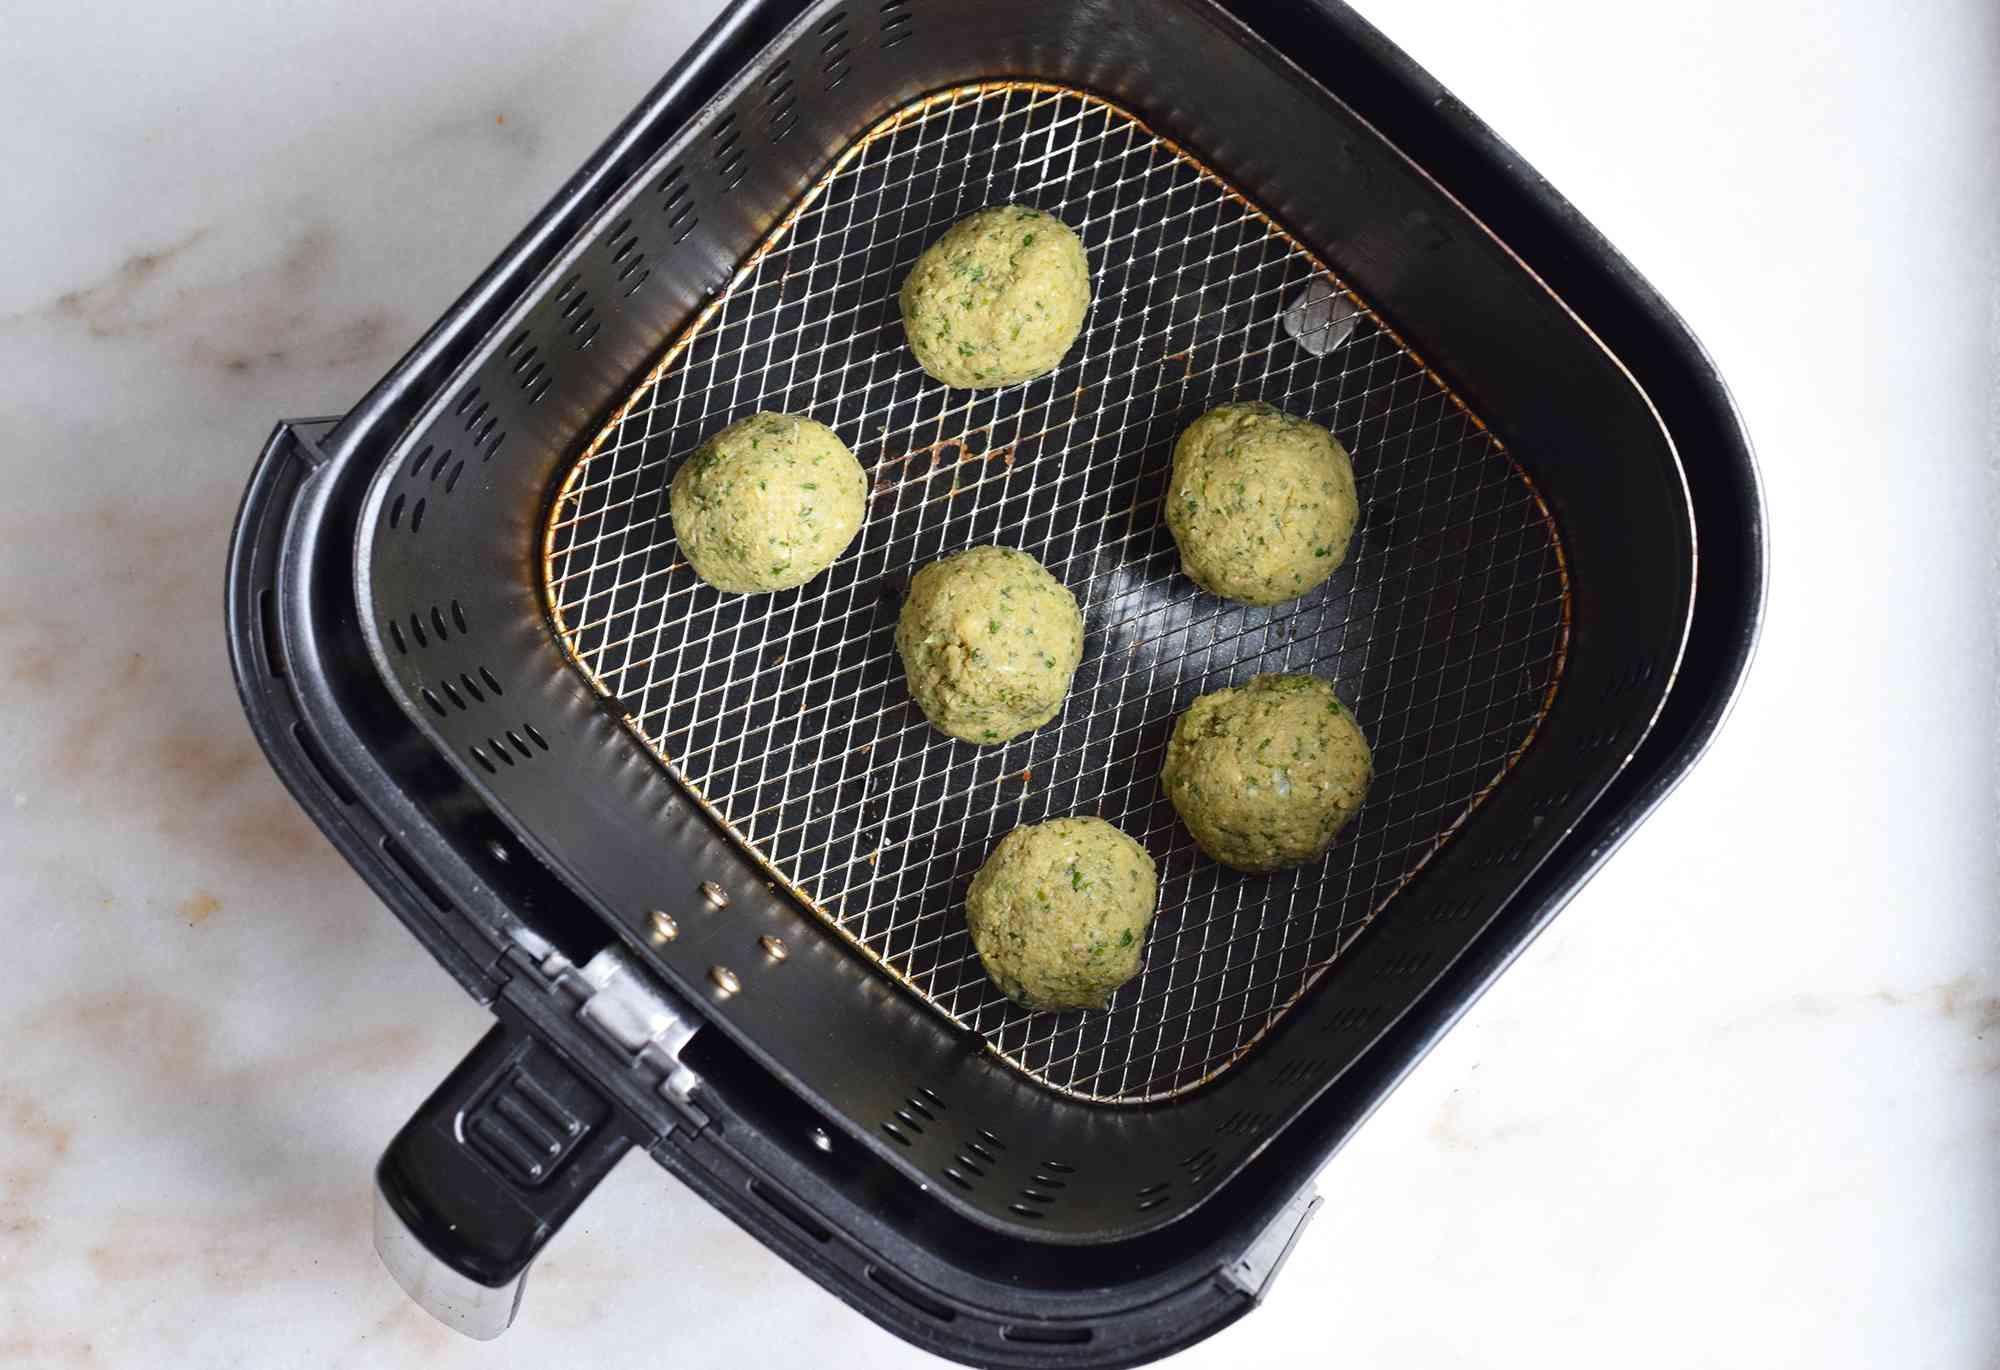 falafel balls in an air fryer